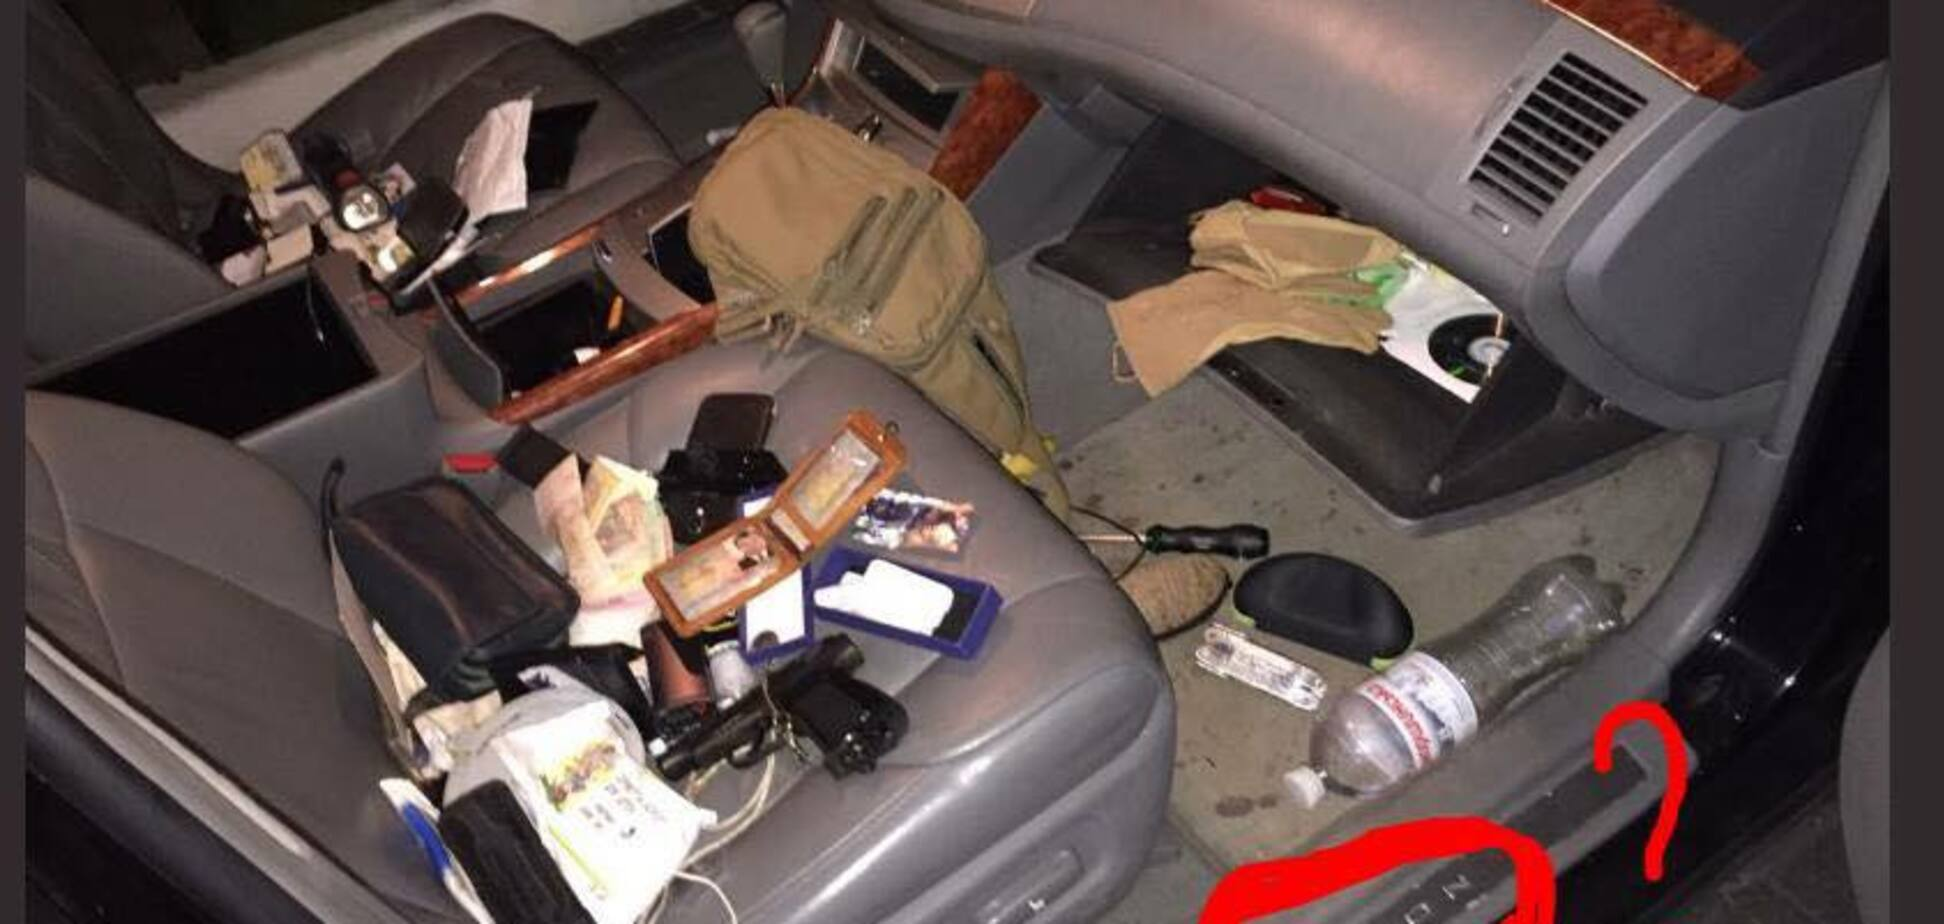 Скандал із викраденням авто українського віп-копа: у мережі знайшли дивні речі на фото